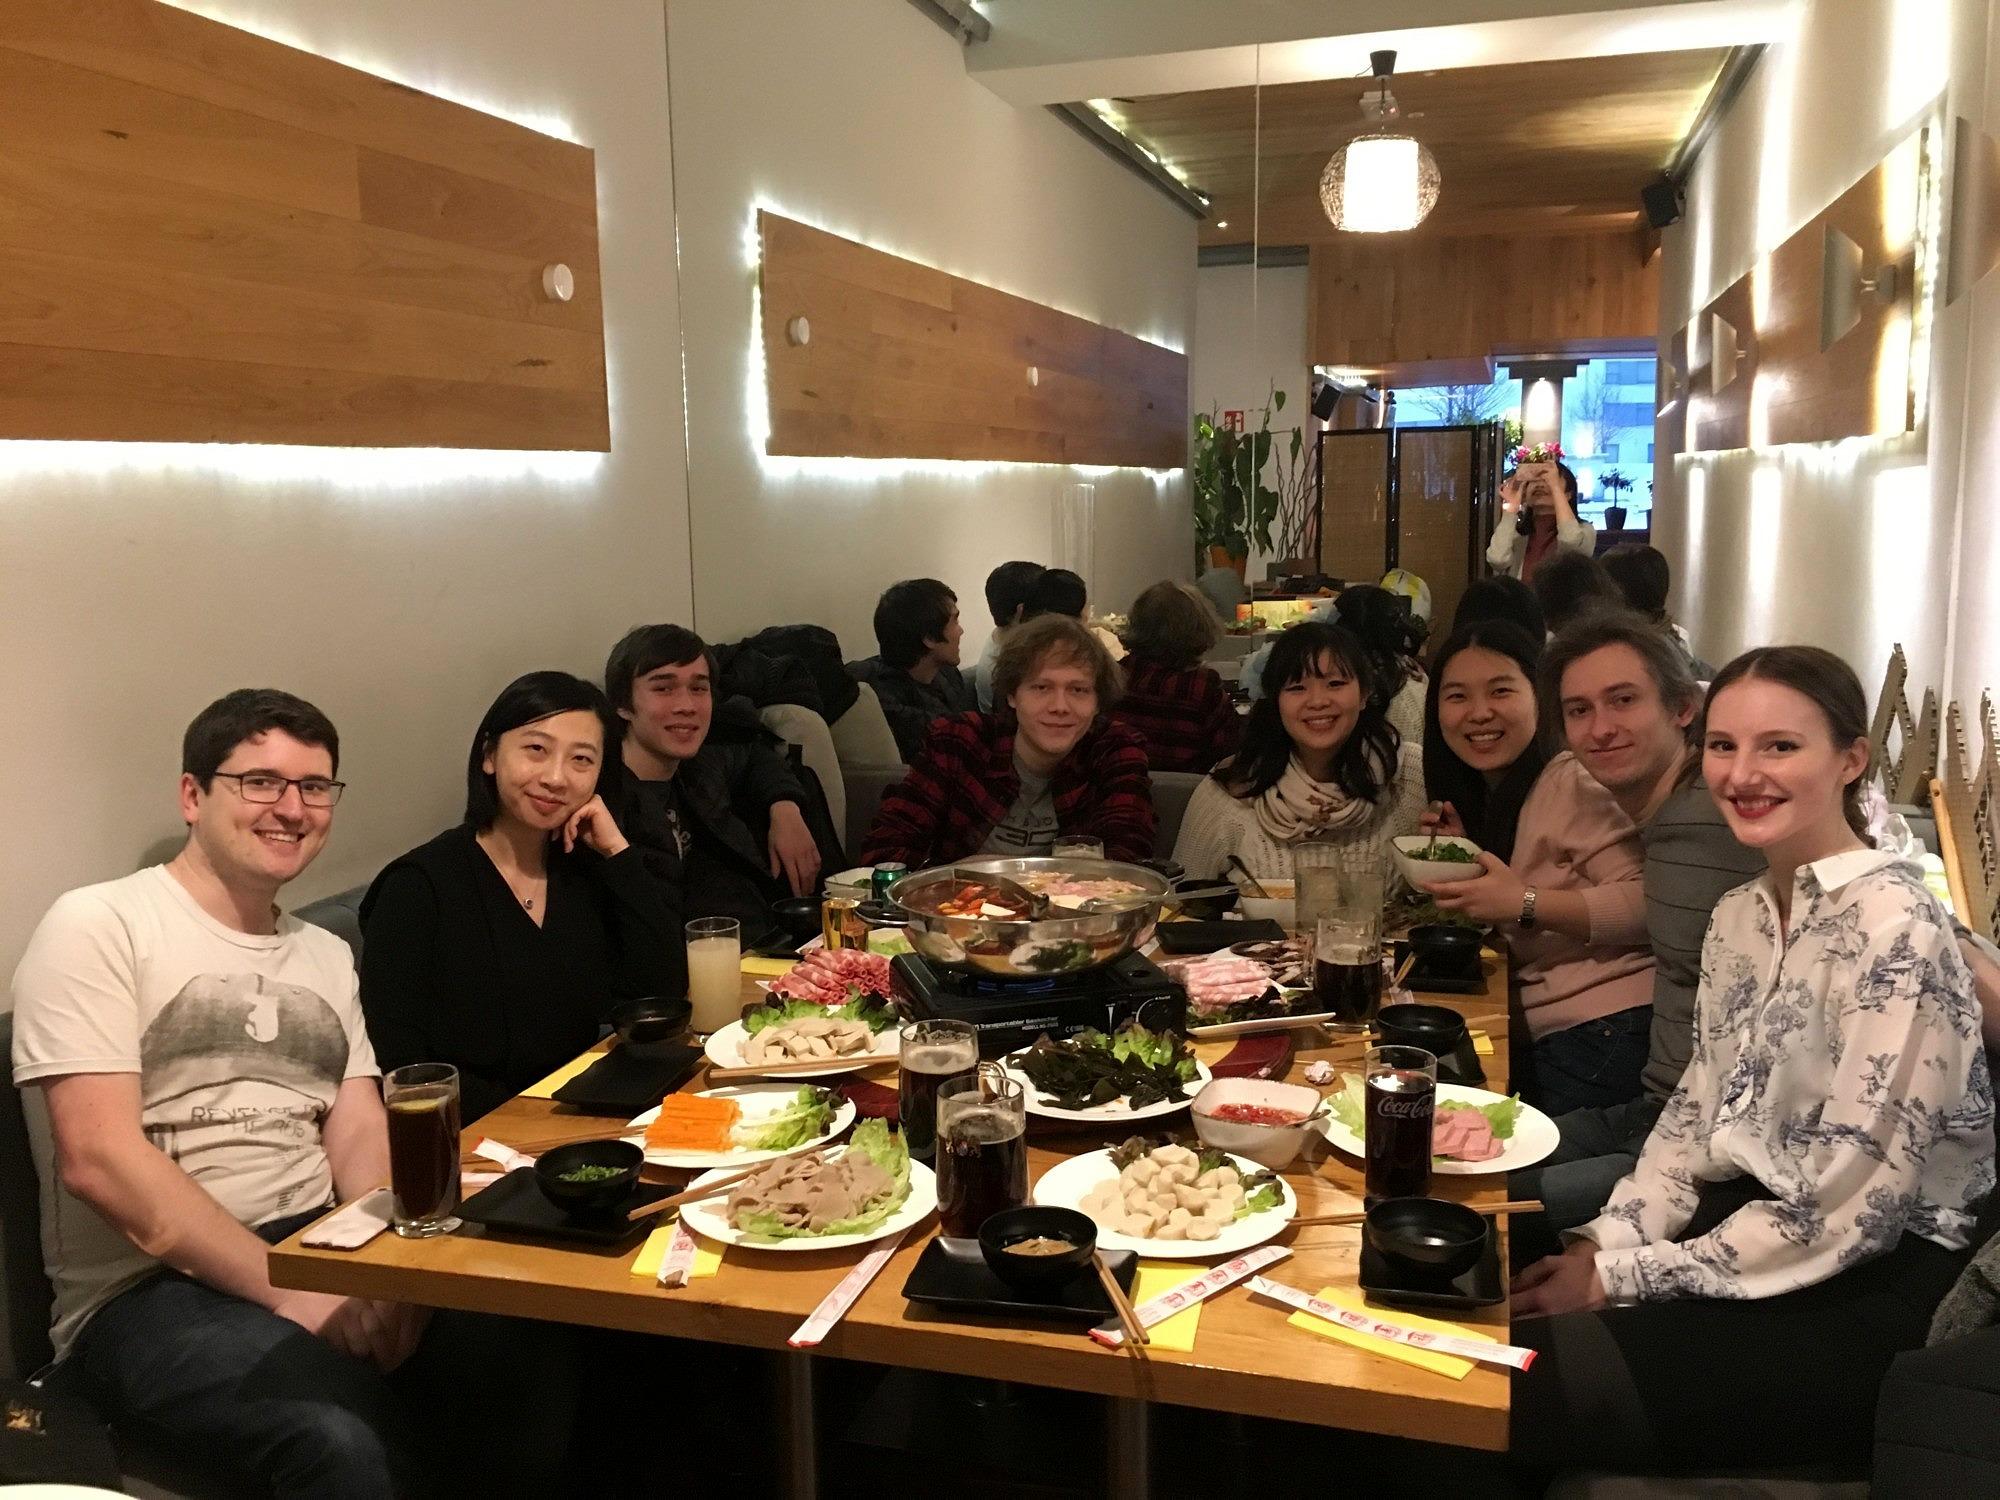 Die Theatergruppe Sonnenstrahl bei einem gemeinsamen Essen nach einem Auftritt in München.